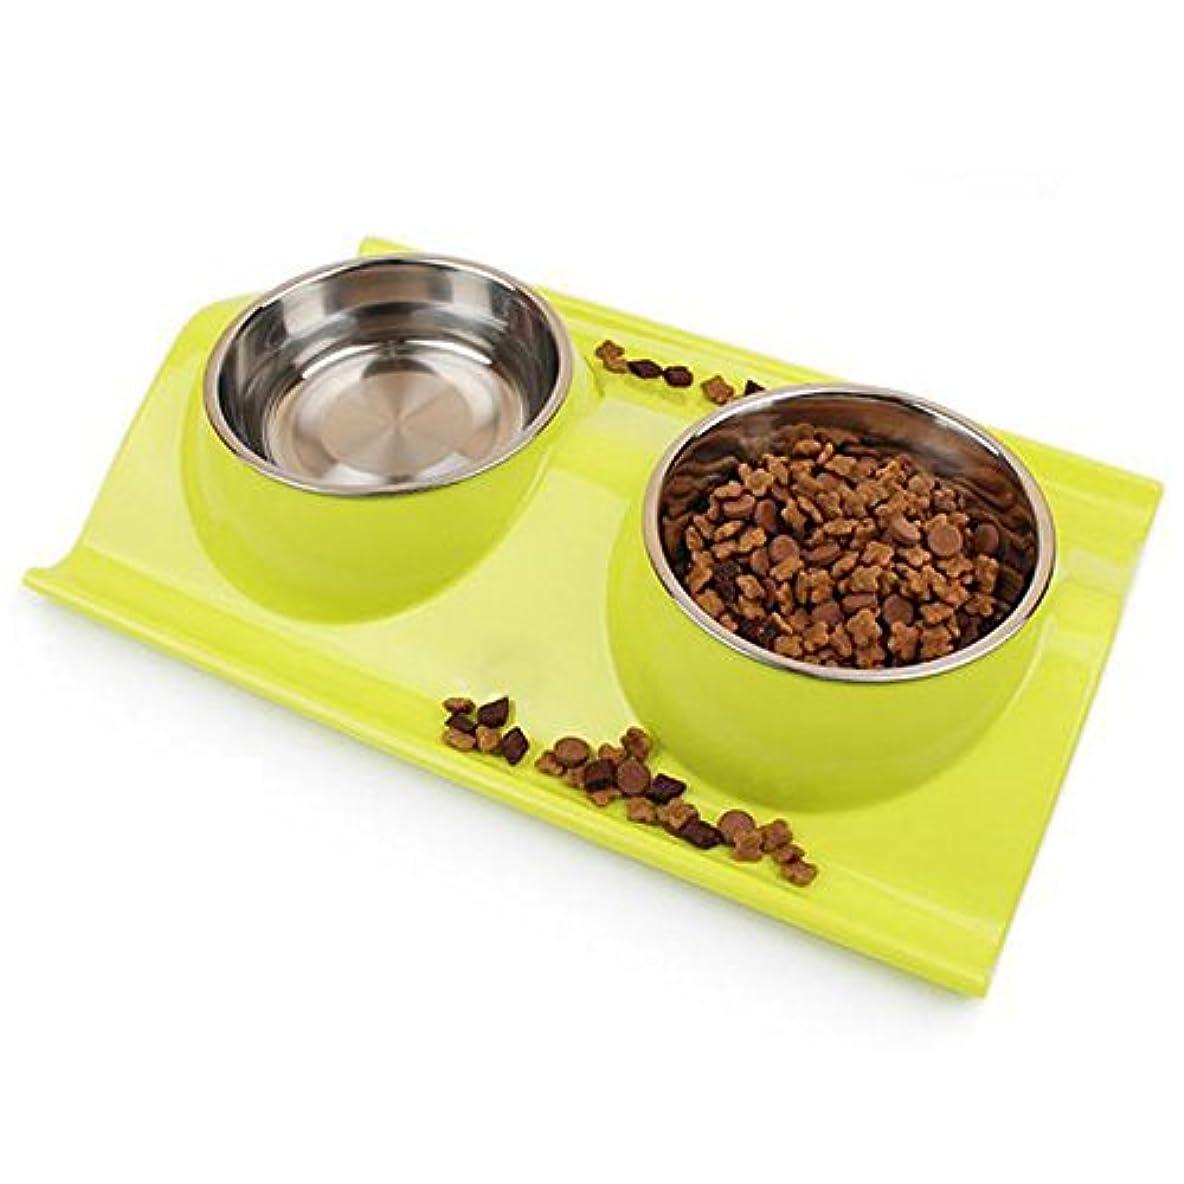 Meipets 犬&猫用フードボウル 食事皿 ダブル茶碗 ペッ用品 ペット食器 ペットのステンレス碗 お皿 (グリーン)